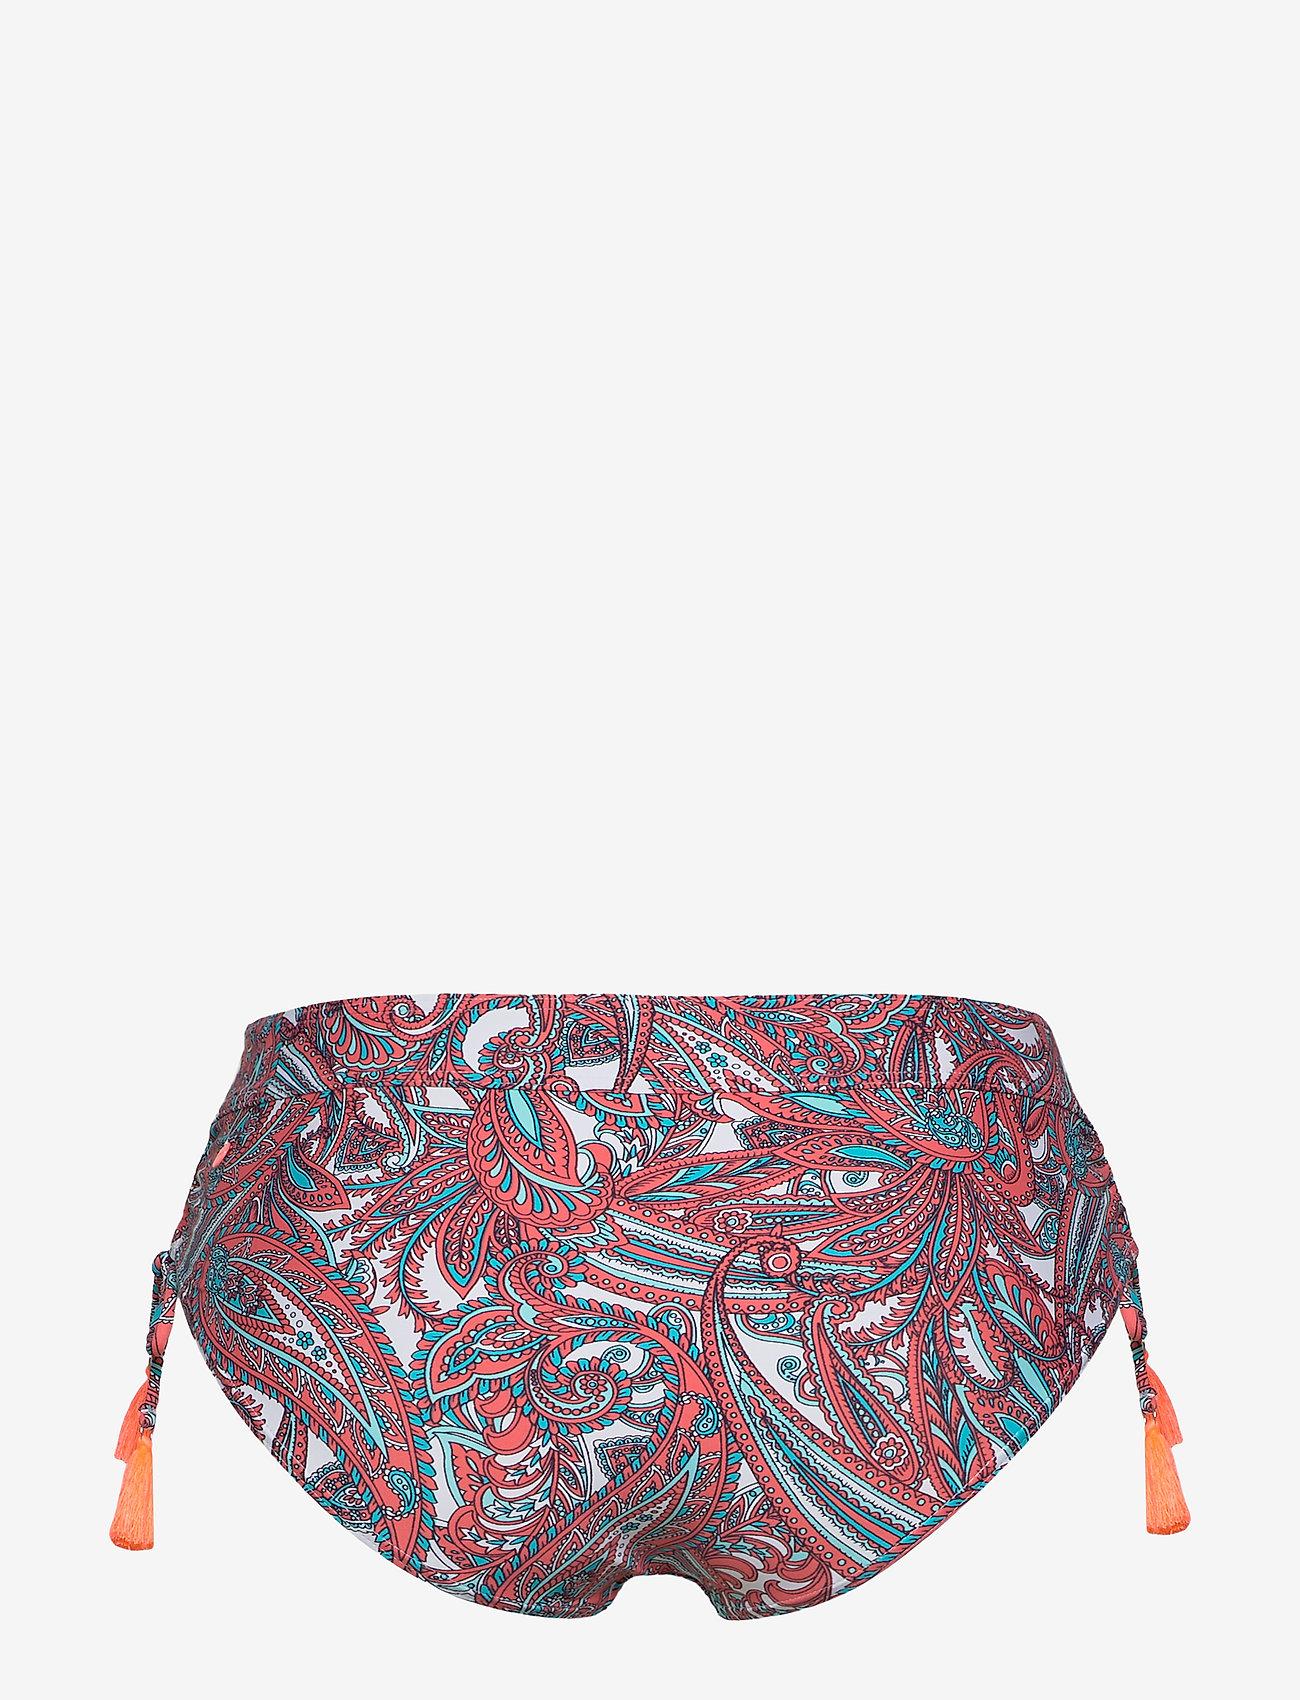 Esprit Bodywear Women - Beach Bottoms - bikiniunderdeler - coral - 1